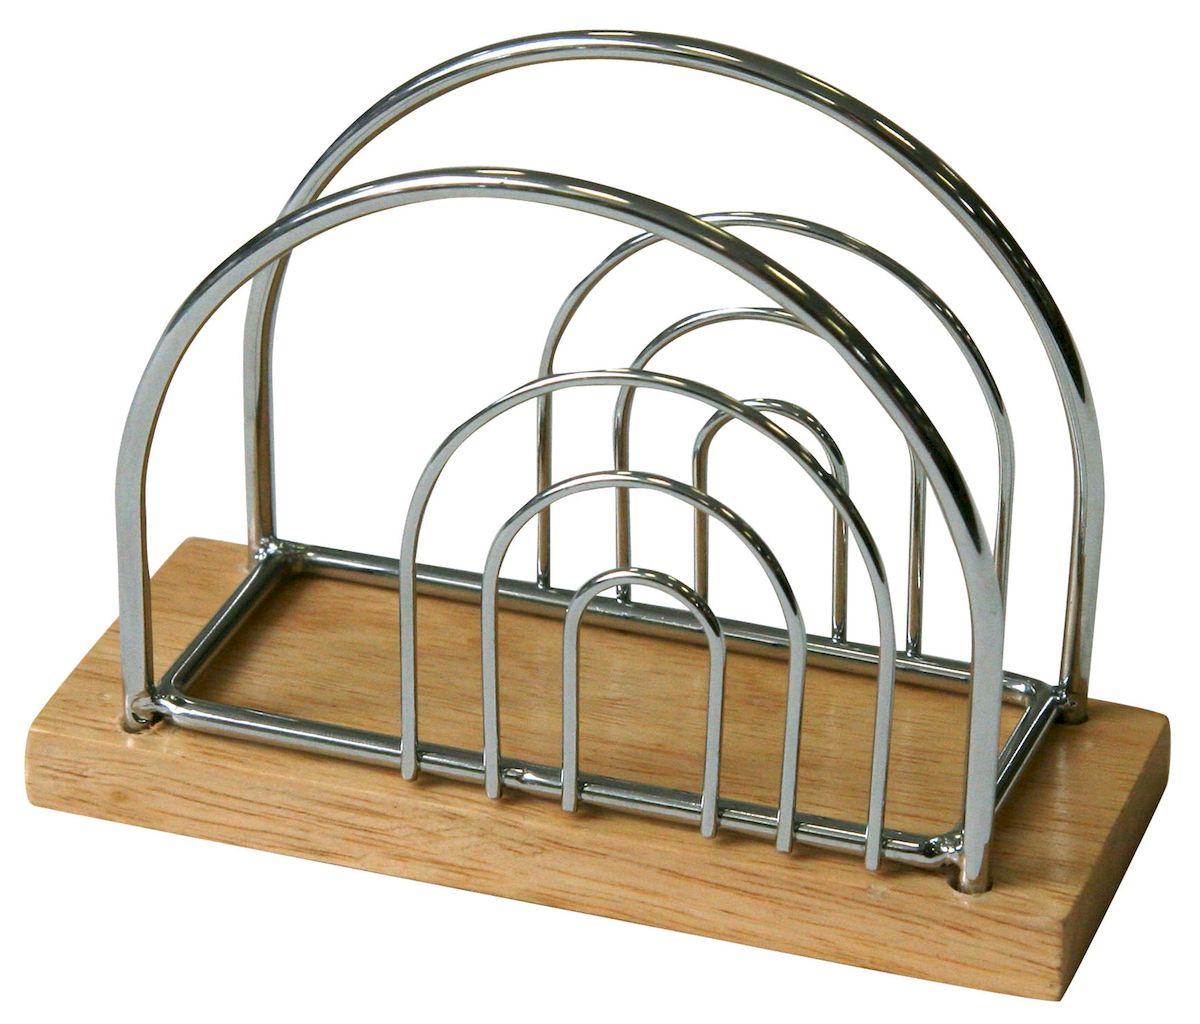 Салфетница Axentia Top Star, 13 х 9,5 см115510Салфетница Axentia Top Star изготовлена из высококачественной хромированной стали и дерева. Эксклюзивный дизайн, эстетичность и функциональность сделают ее красивым дополнением сервировки стола и полезным приобретением для вашей кухни. Изделие можно мыть в посудомоечной машине.Размеры: 13 х 9,5 см.